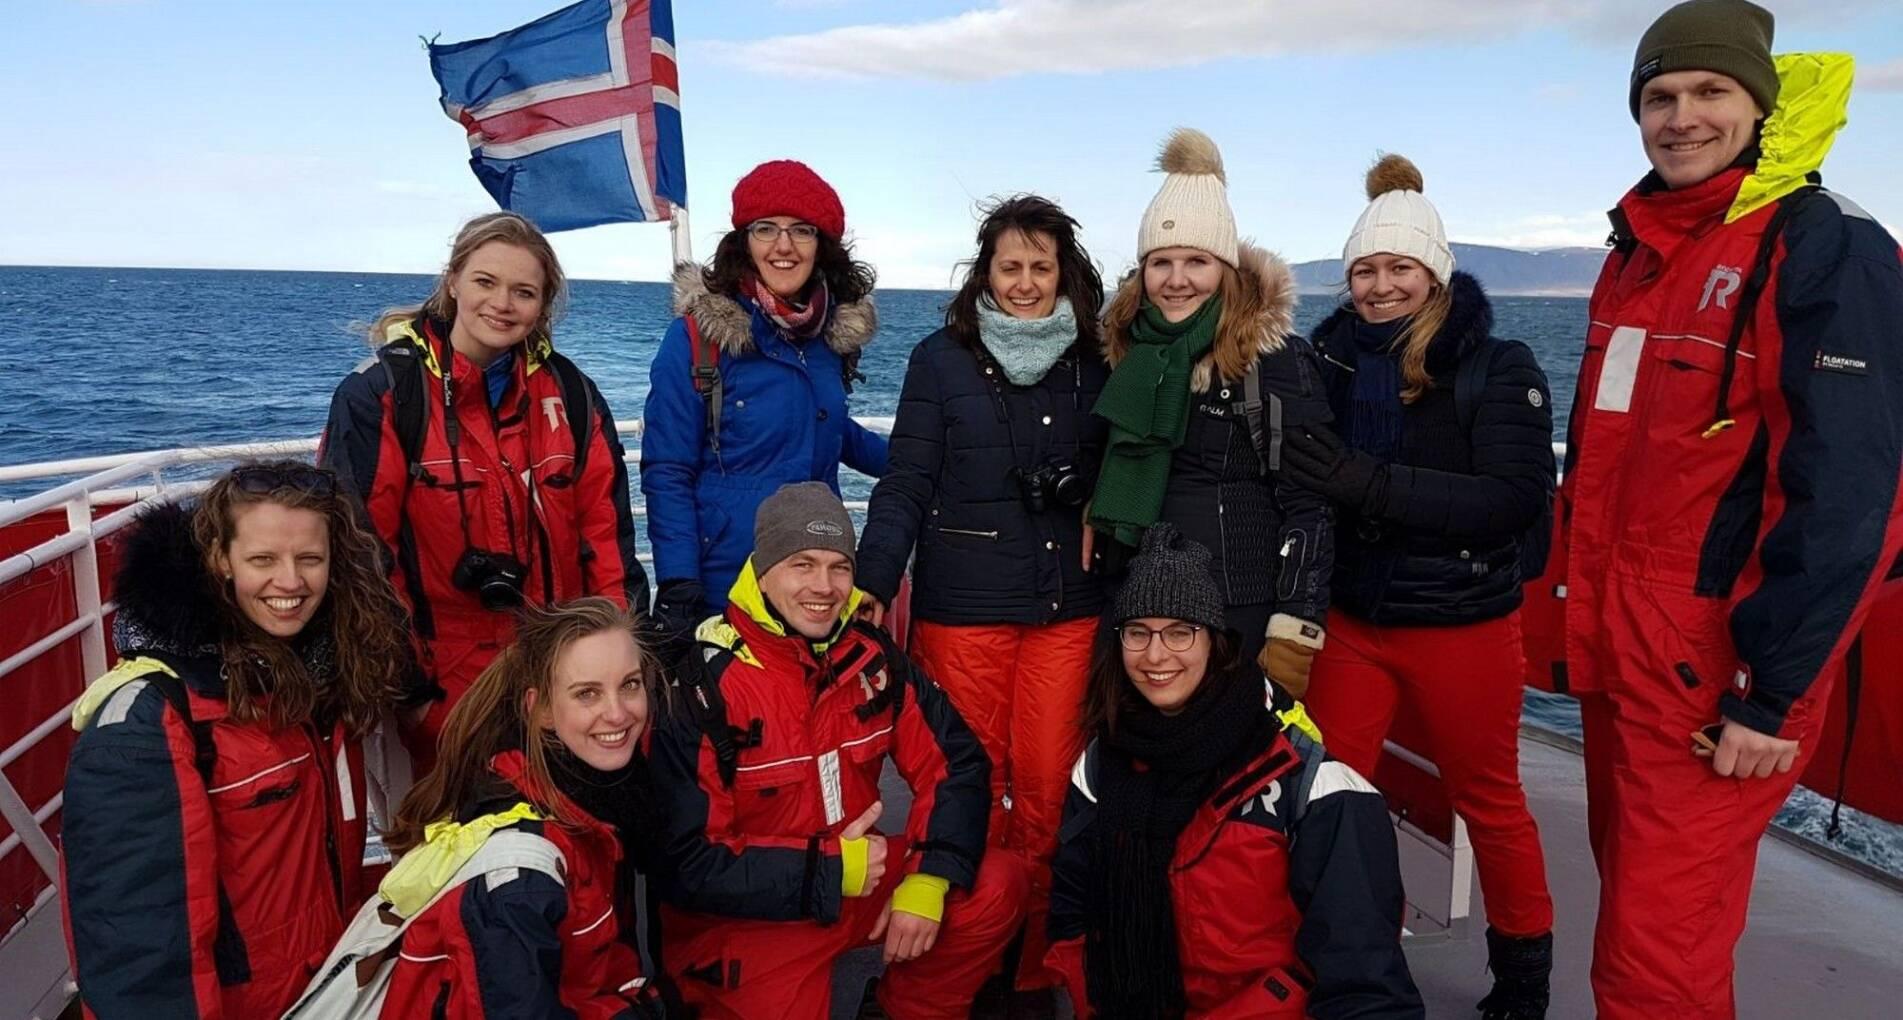 IJsland: gletsjers en geisers - Ijsland - 1